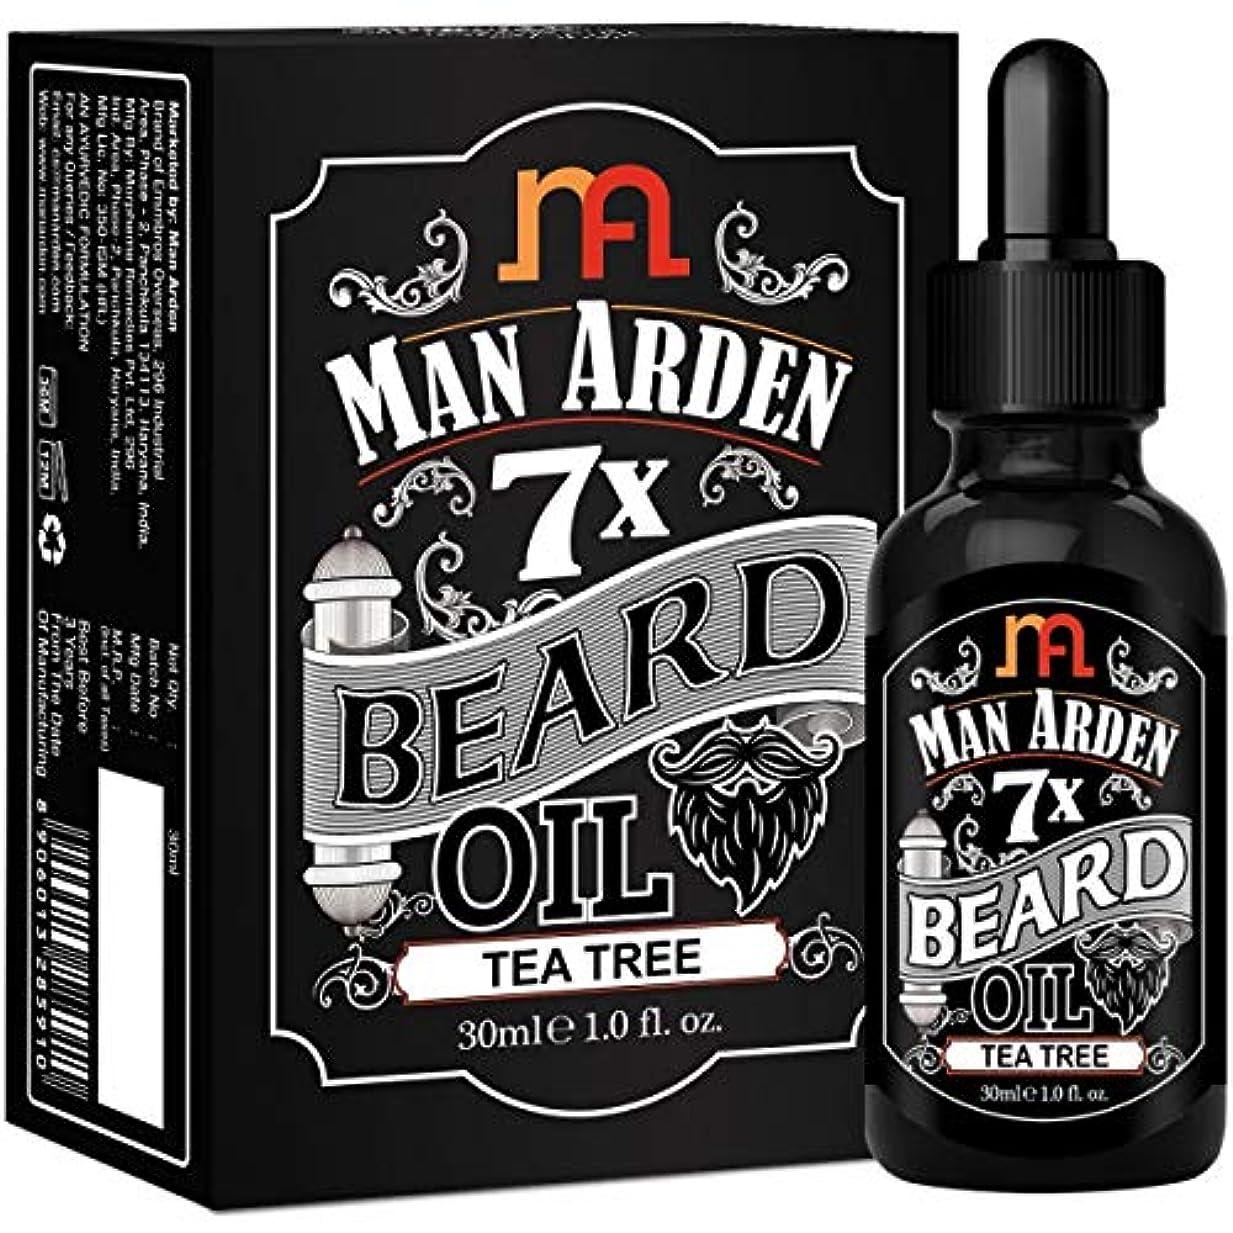 シルクタウポ湖疲労Man Arden 7X Beard Oil 30ml (Tea Tree) - 7 Premium Oils Blend For Beard Growth & Nourishment